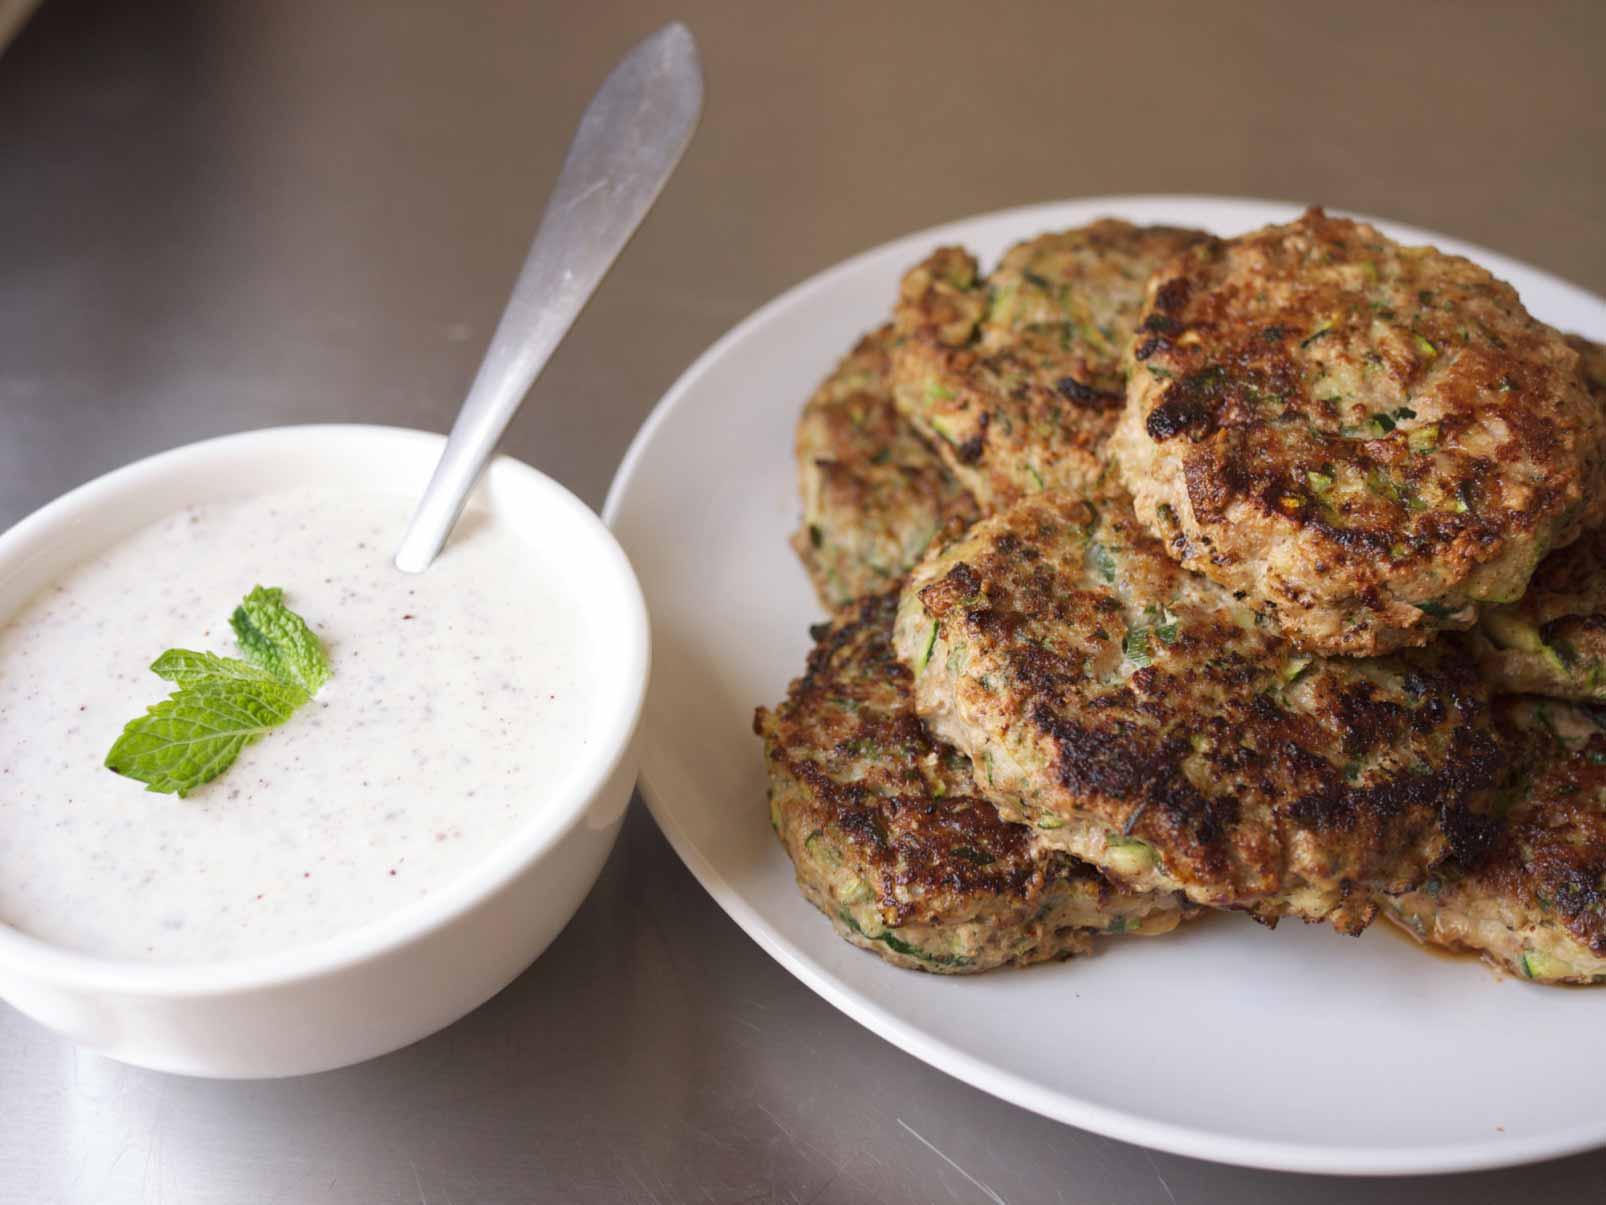 Turkey-Zucchini Burgers